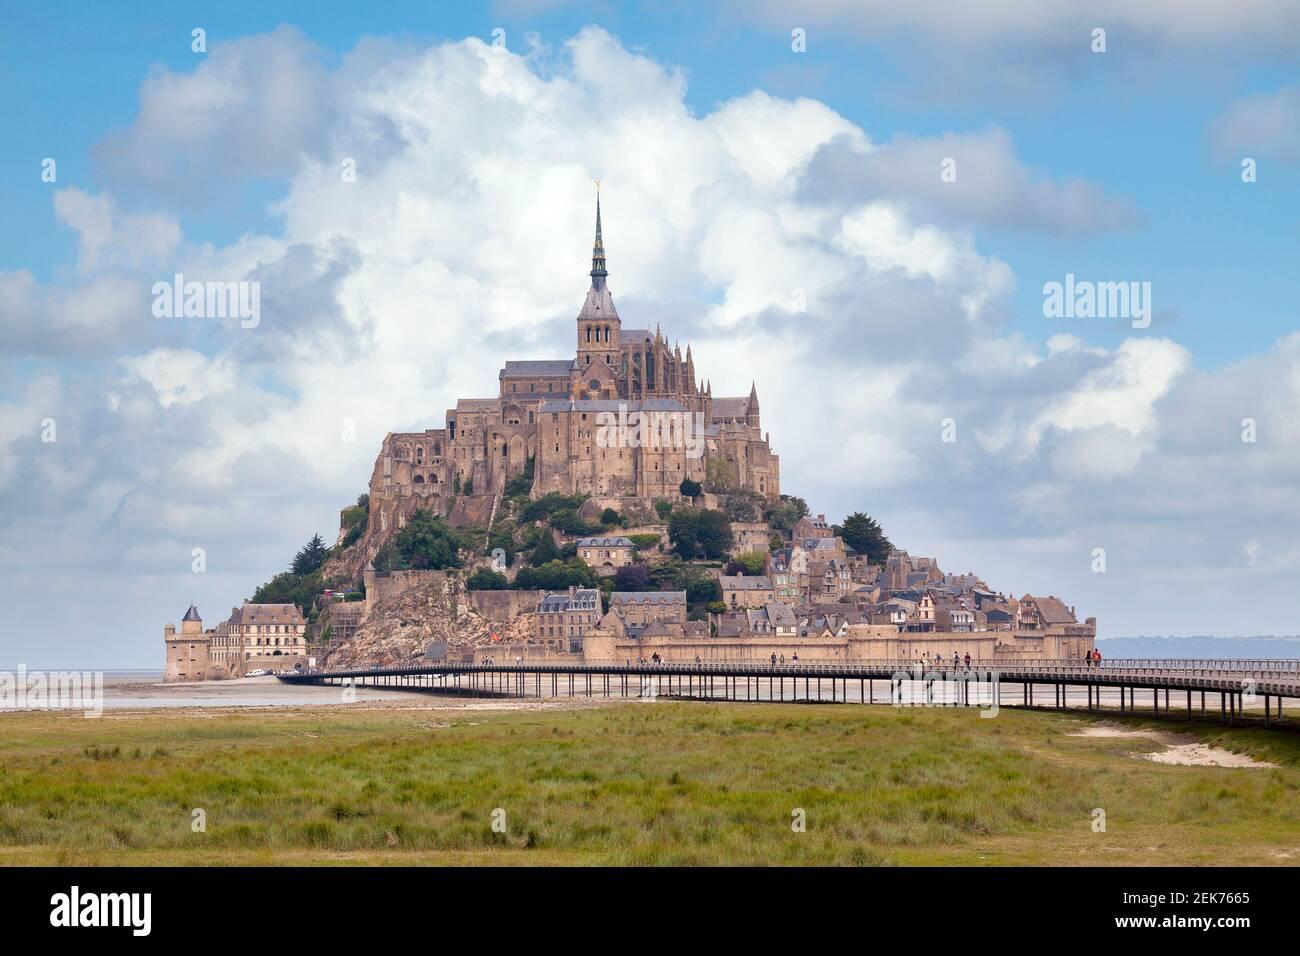 Der Mont Saint-Michel ist eine Gezeiteninsel und Festlandgemeinde in der Normandie, Frankreich. Stockfoto